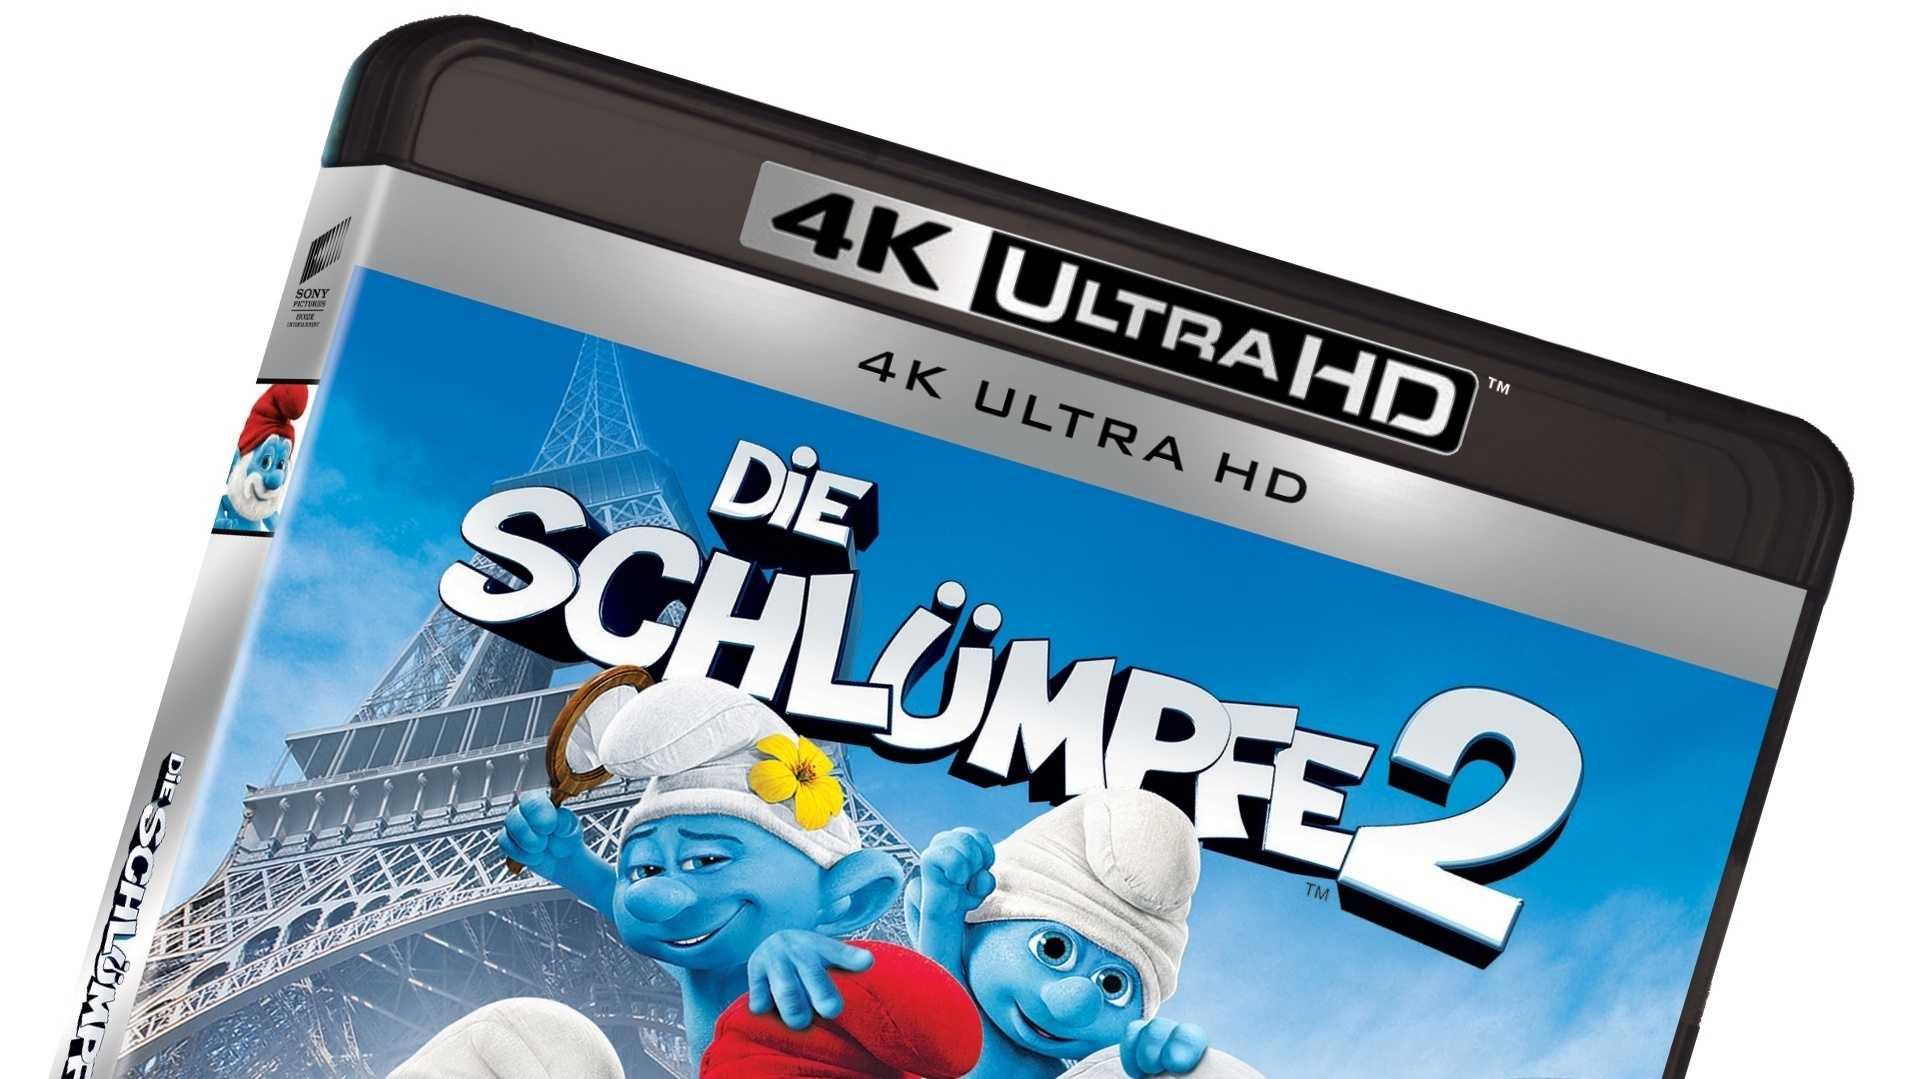 Kopierschutz der Ultra HD Blu-ray geknackt?